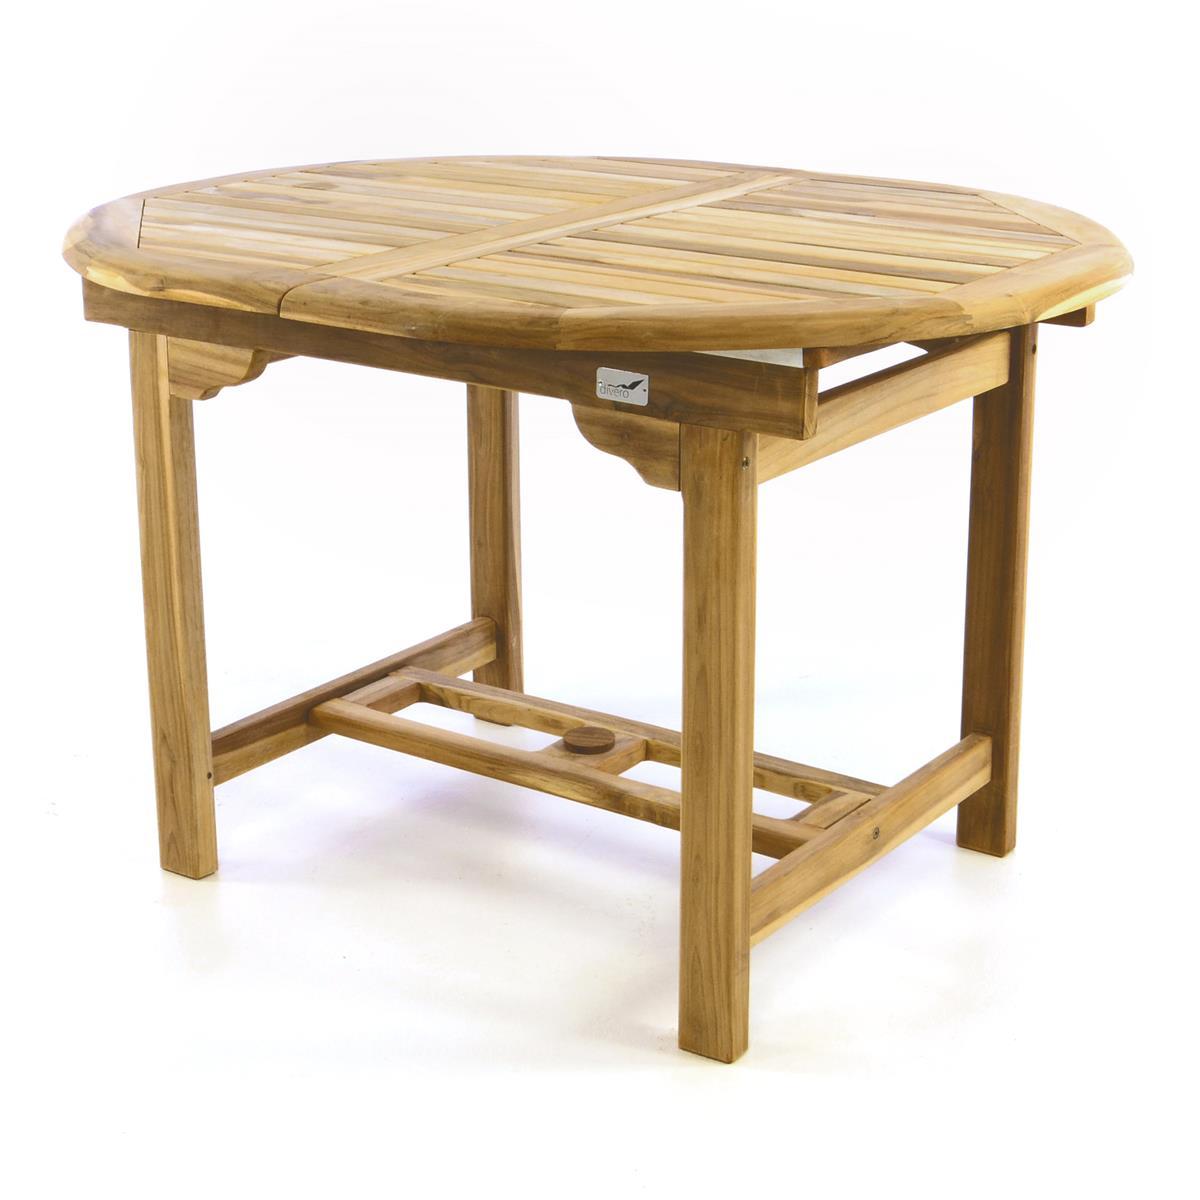 DIVERO Balkontisch Terrasse Tisch Esstisch ausziehbar 30cm Teak